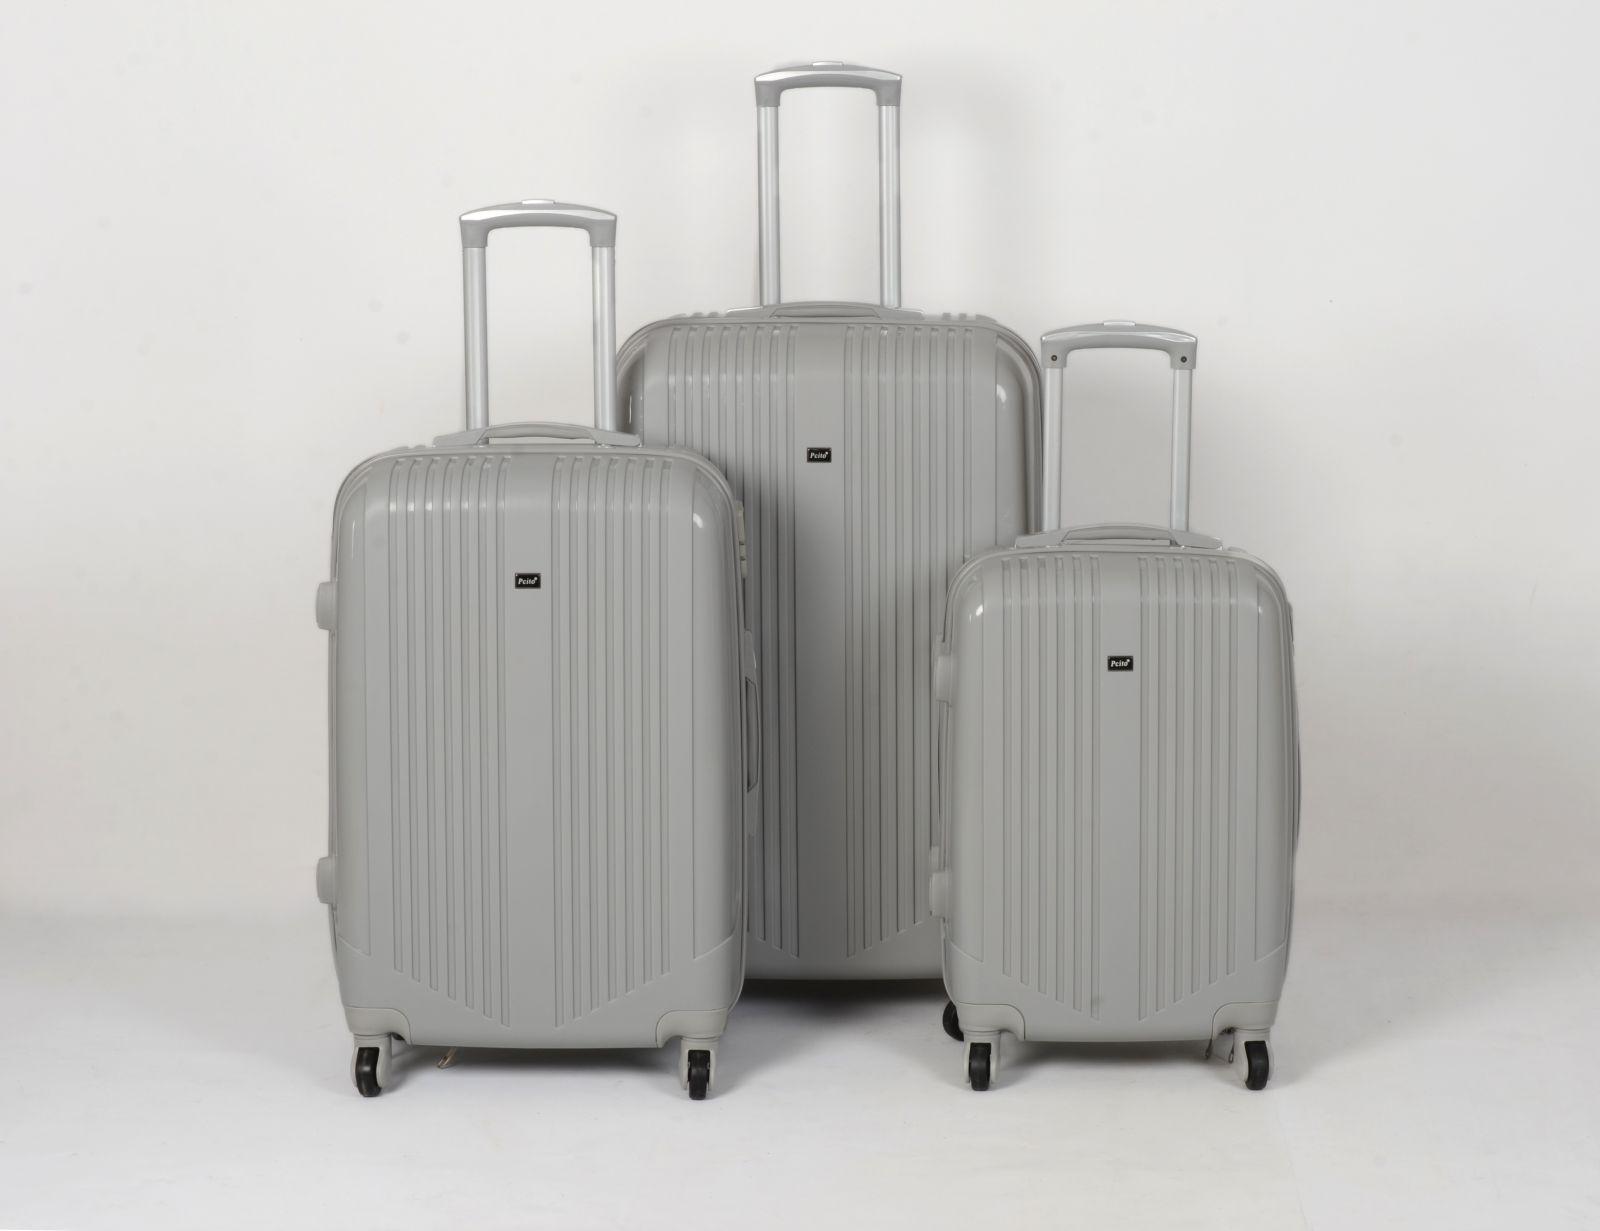 Cestovní kufry sada ABS Trolleykoffer TR-A16 šedá